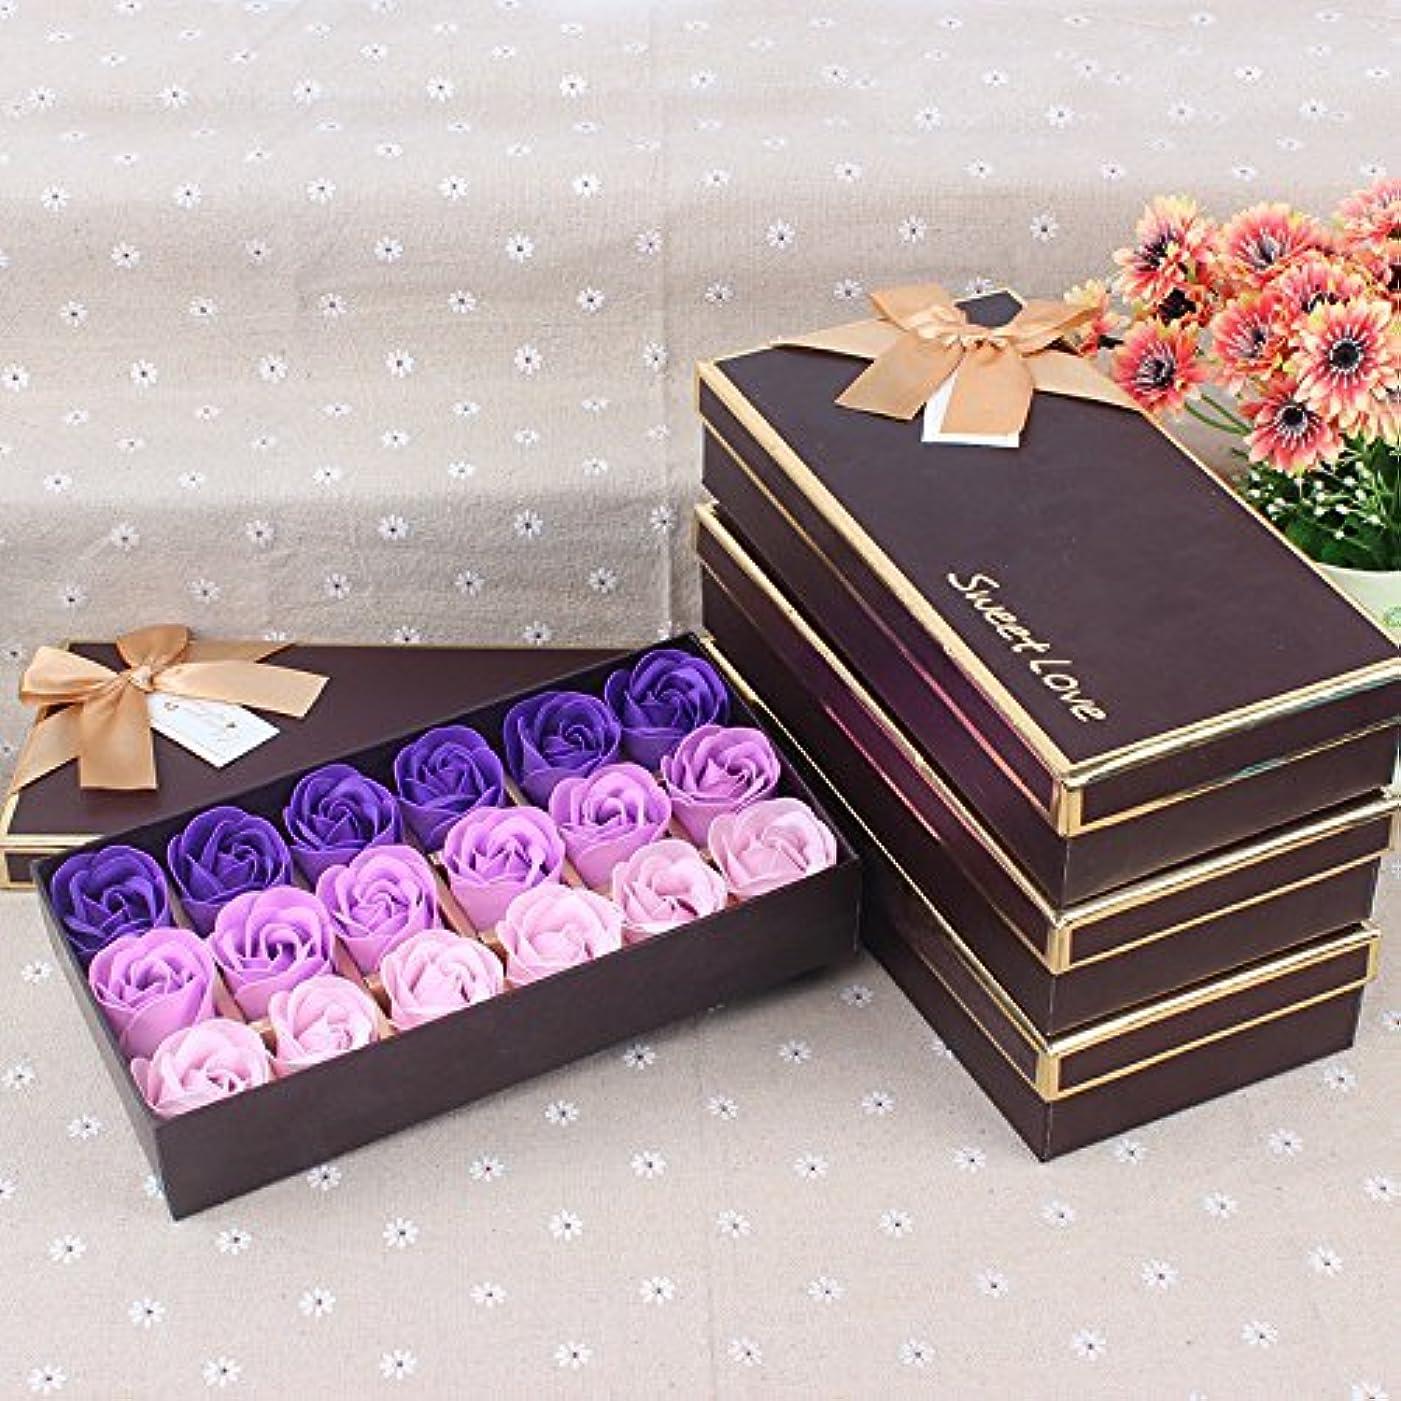 シリーズ混乱した前にWeryn(TM)結婚式のためのギフトボックスバレンタインデーの愛の贈り物で18バラセット香りの入浴ソープローズソープ花びら[Purplegradient]